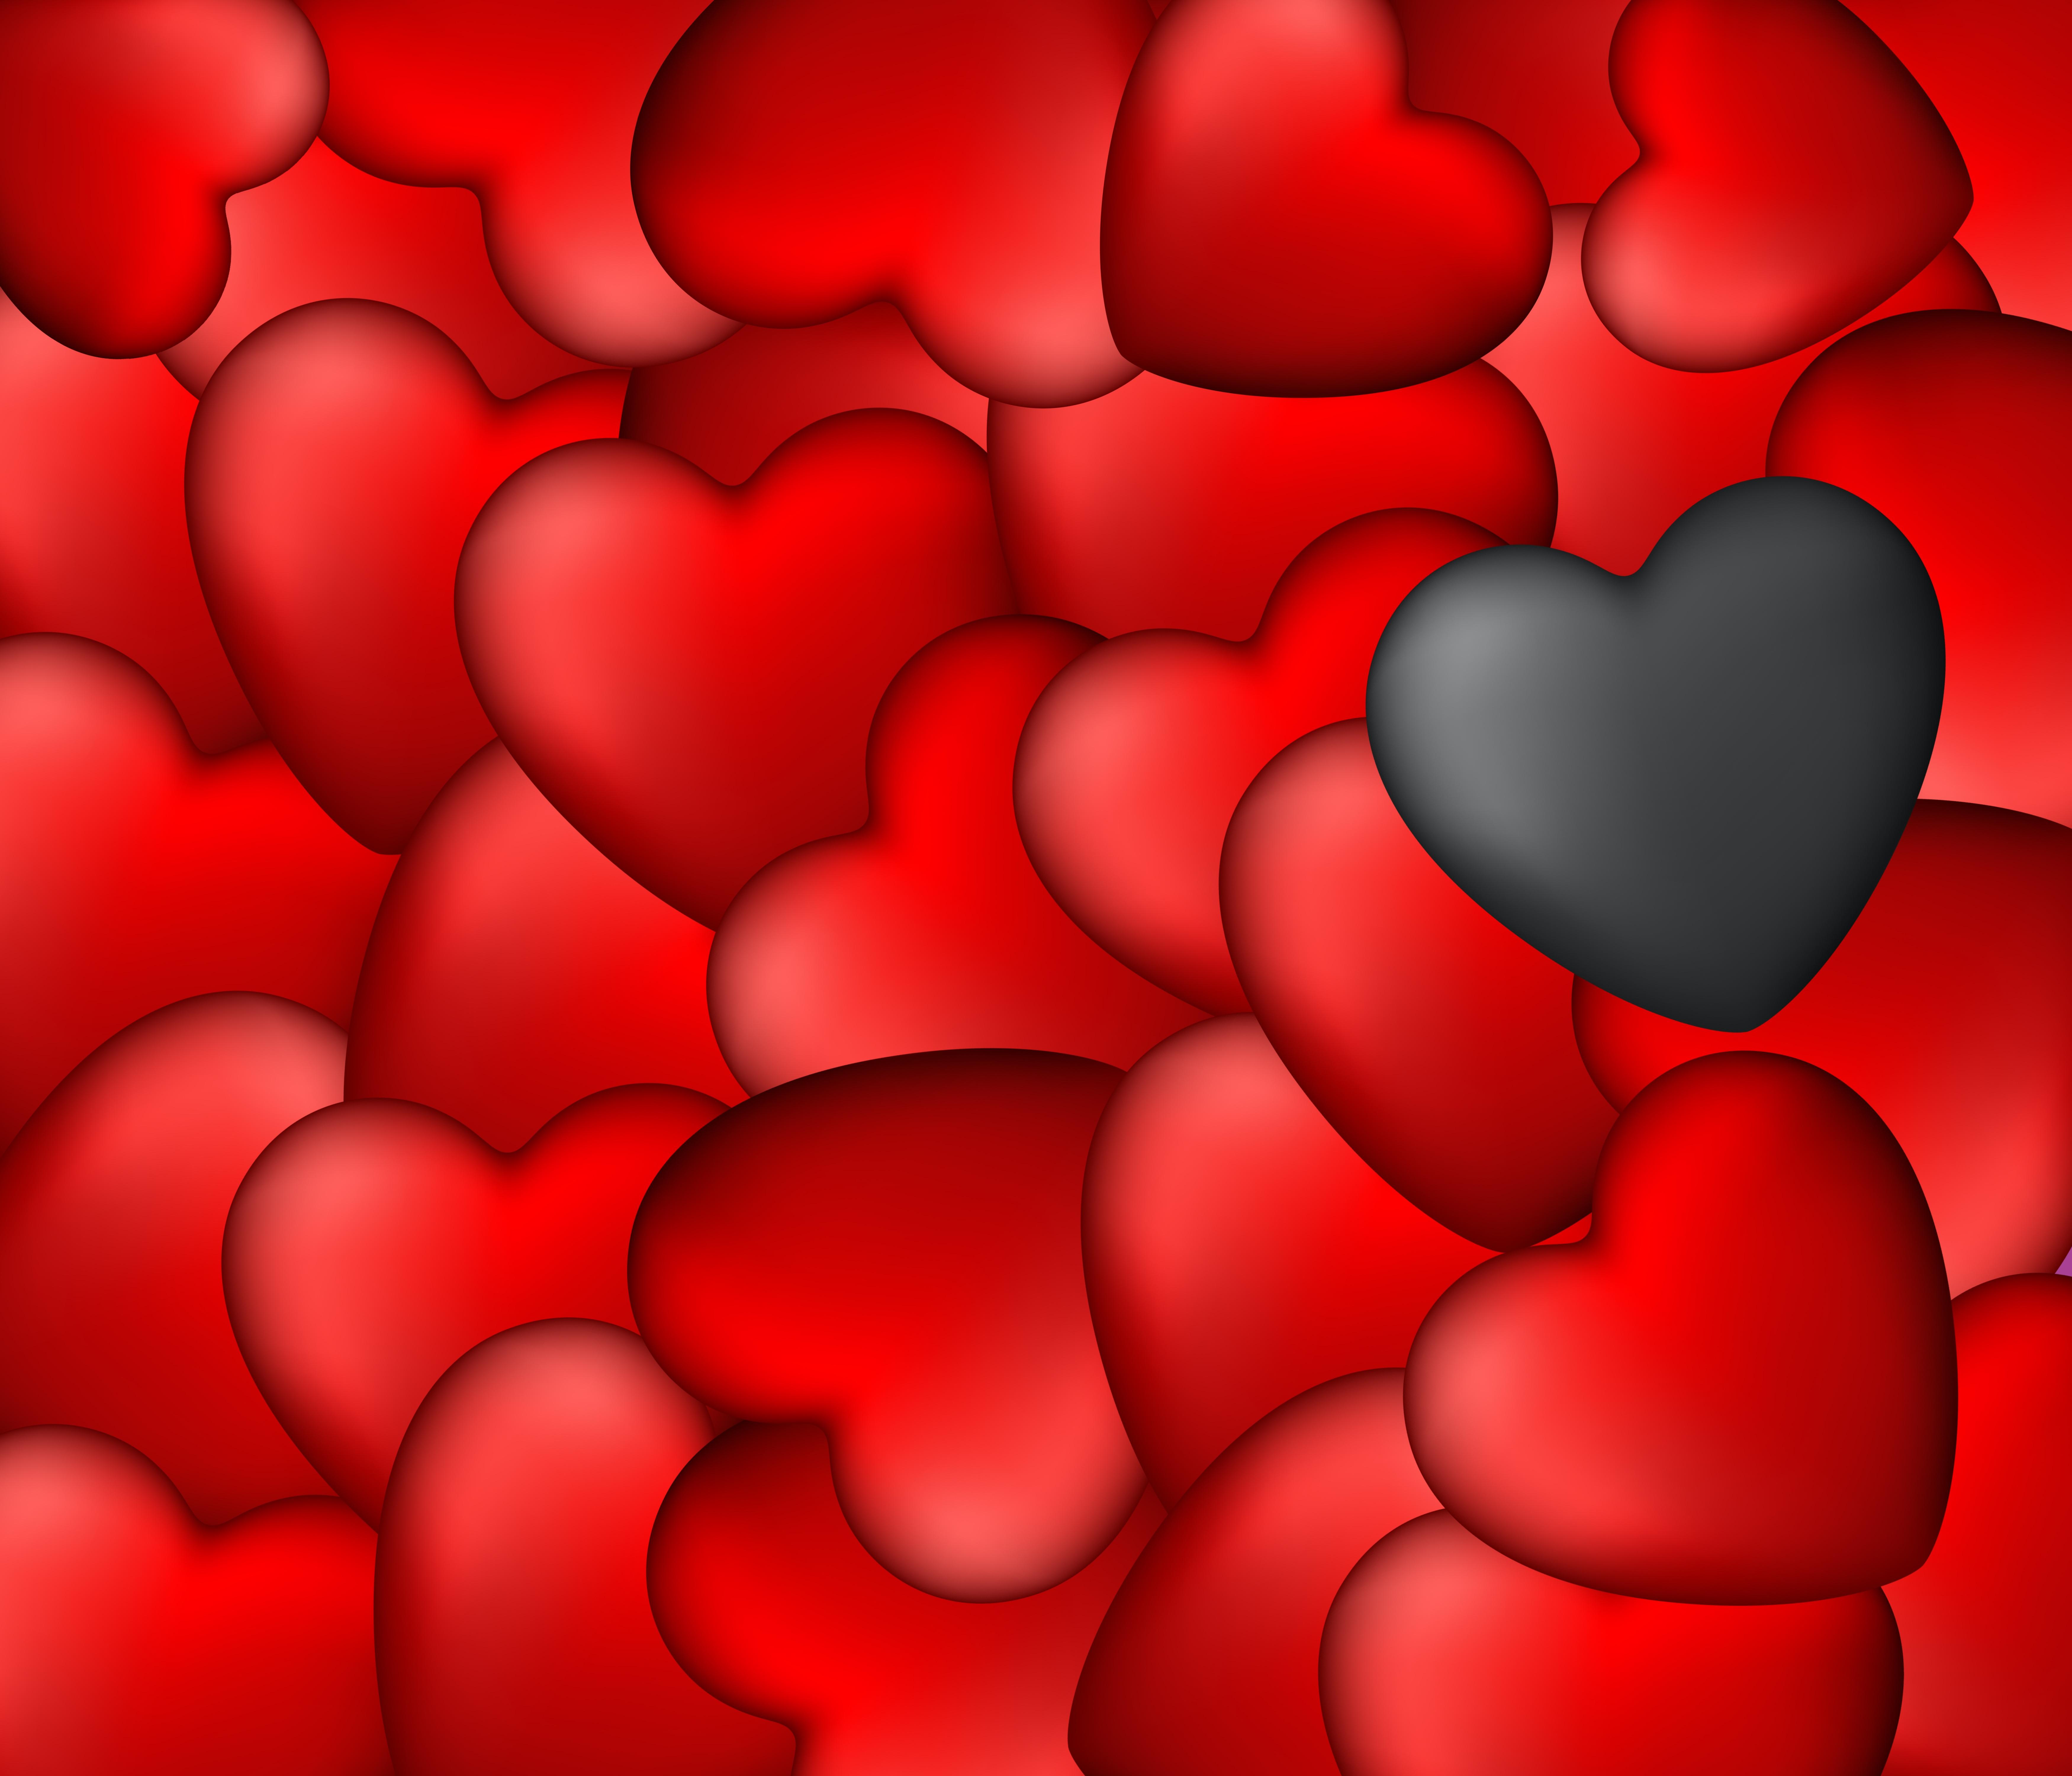 красивая картинка на красном фоне сердечек особая разновидность открытогопирога